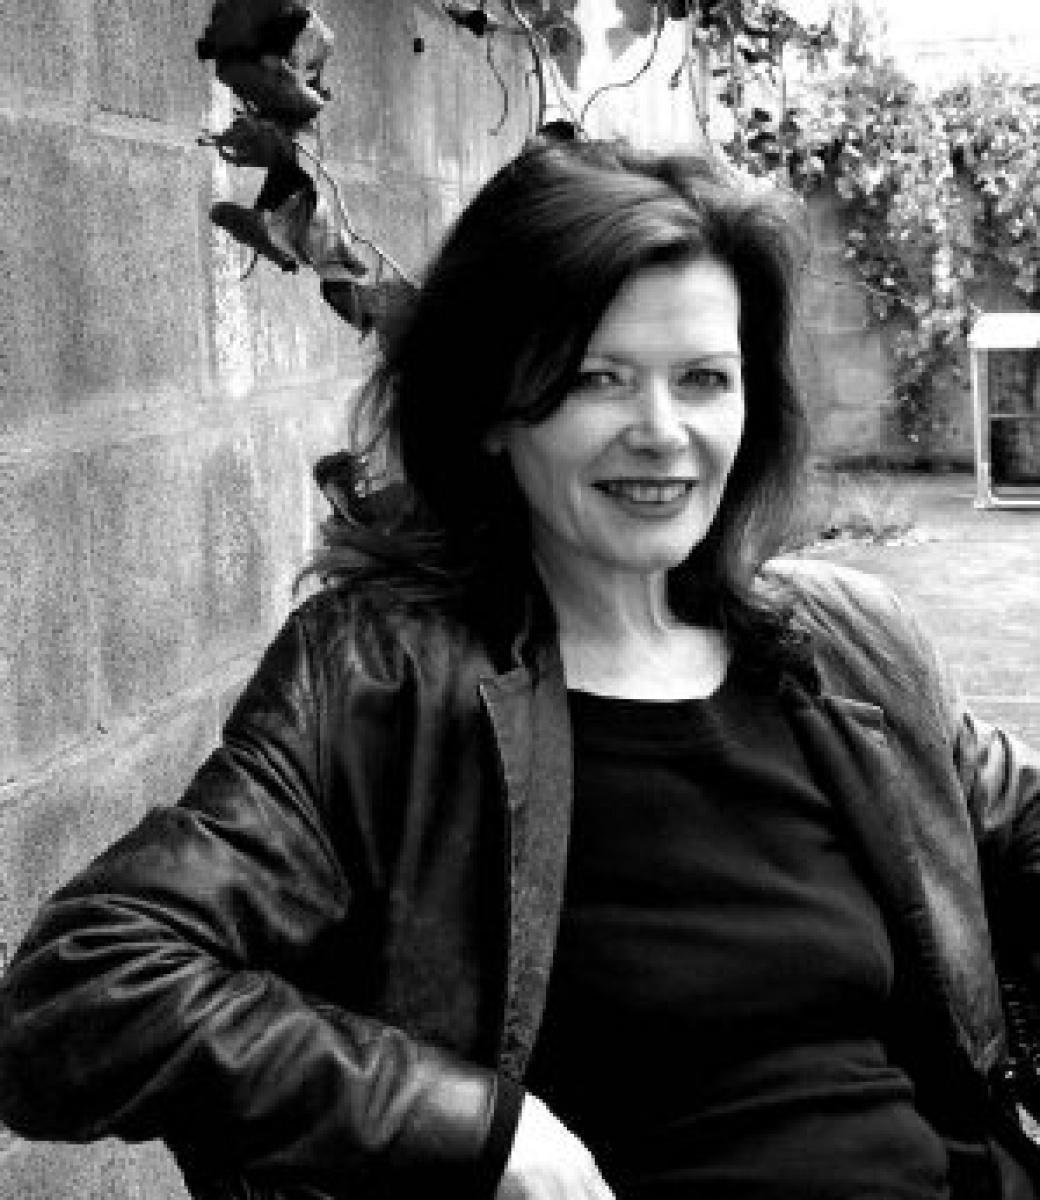 Michelle Molineux,Laurette Luez XXX image Caroline Goodall (born 1959),Marie Wright